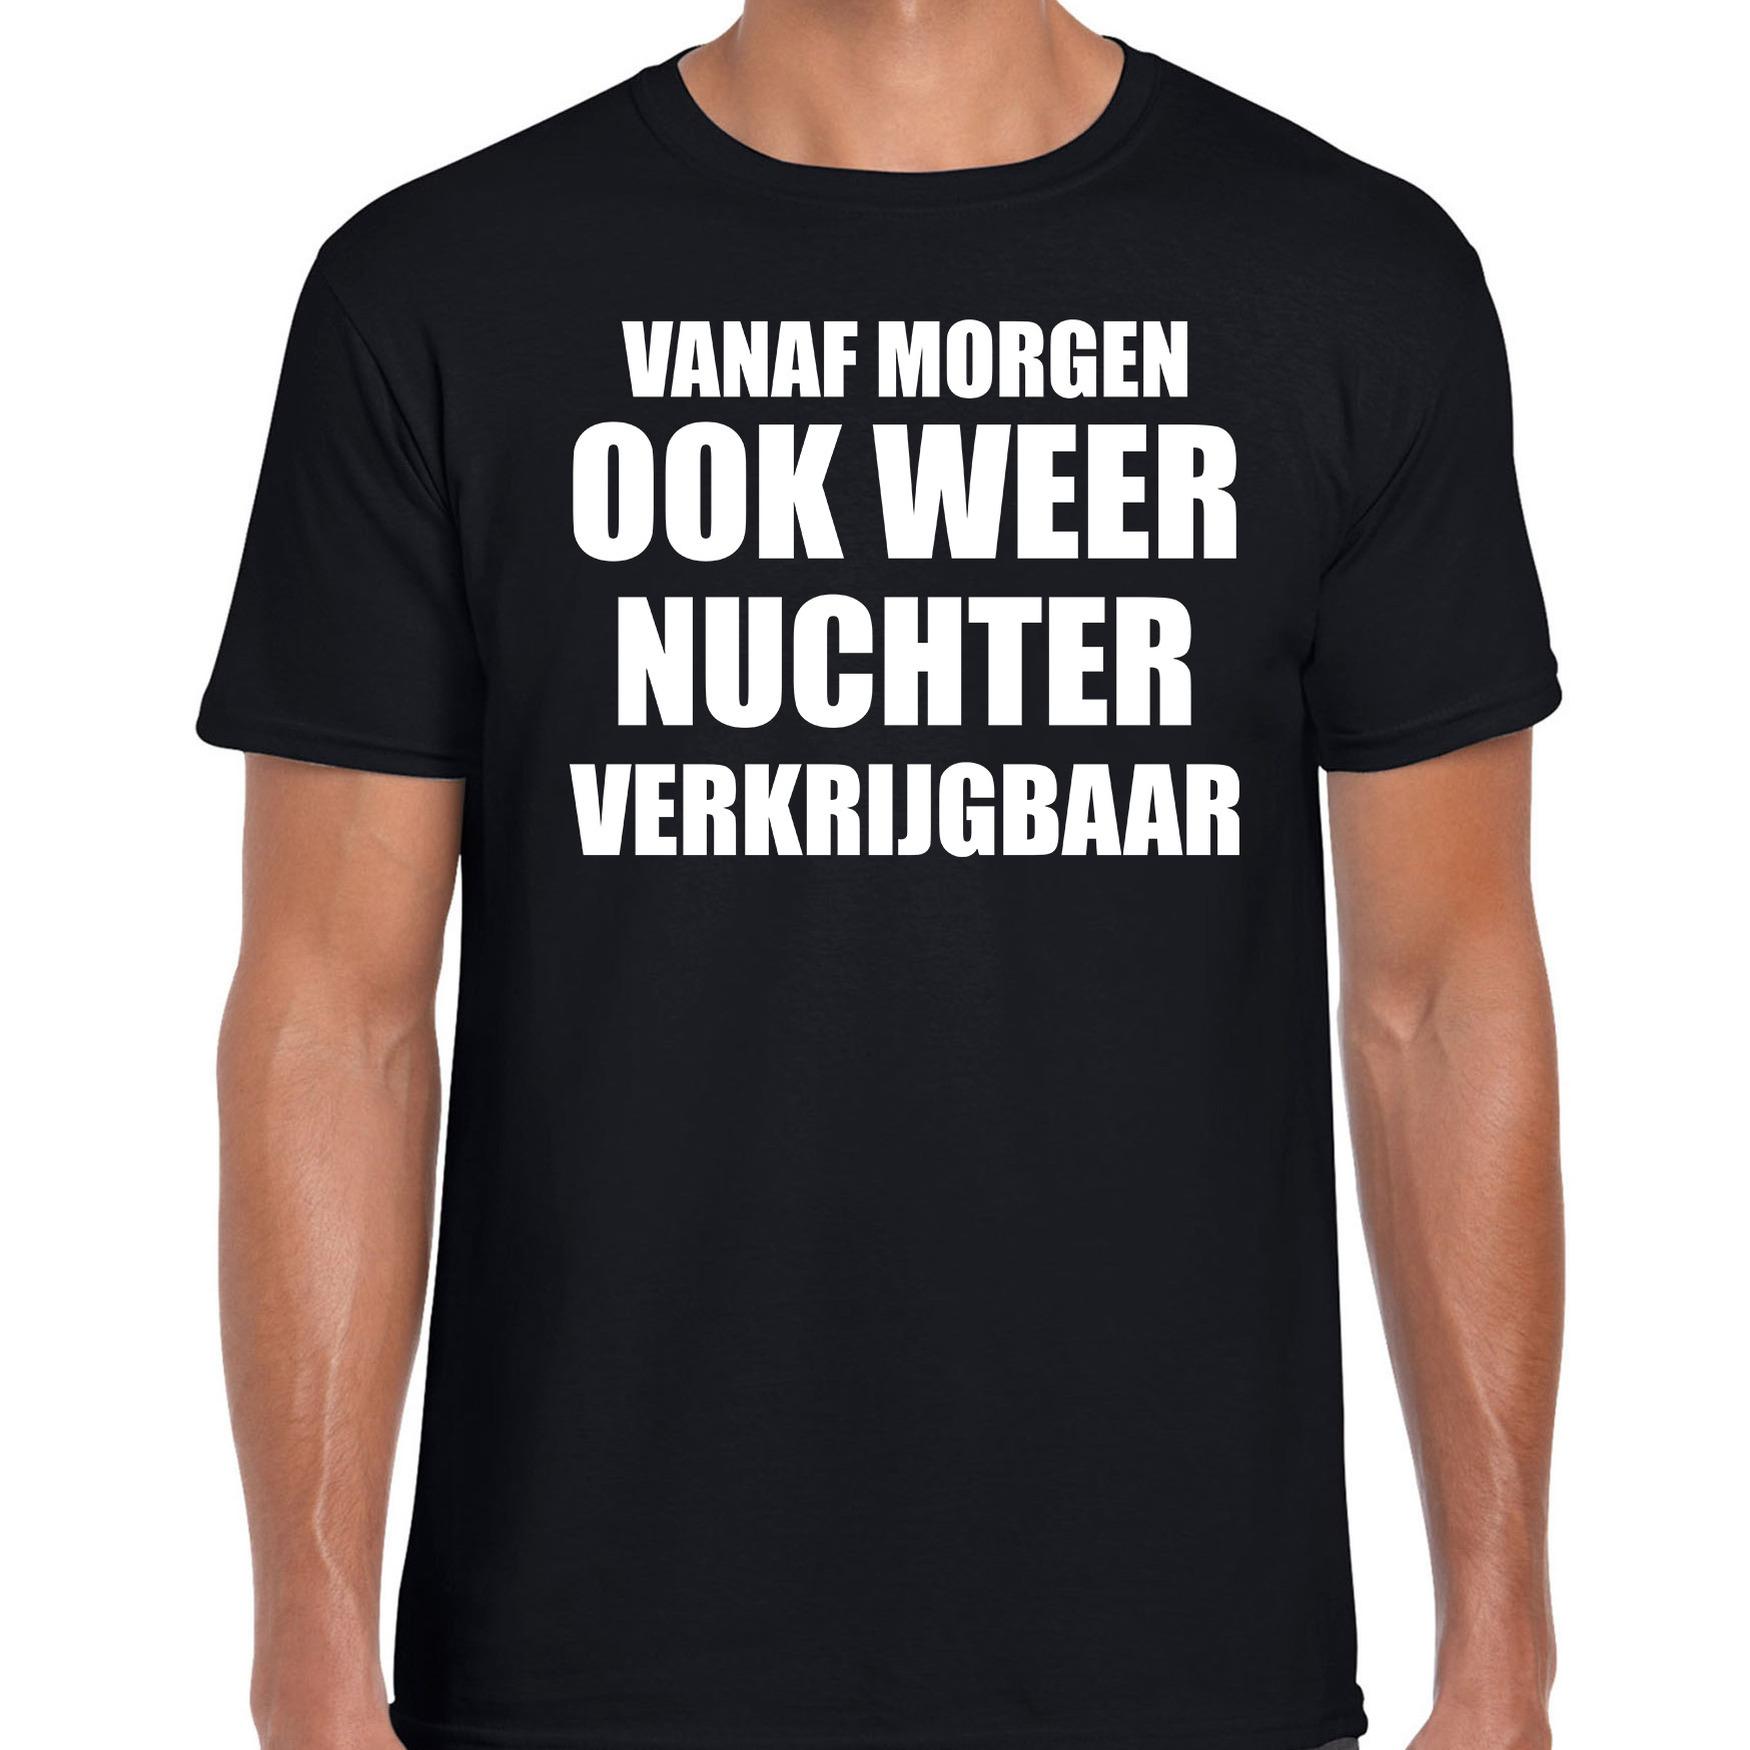 Feest t-shirt morgen nuchter verkrijgbaar zwart voor heren L -